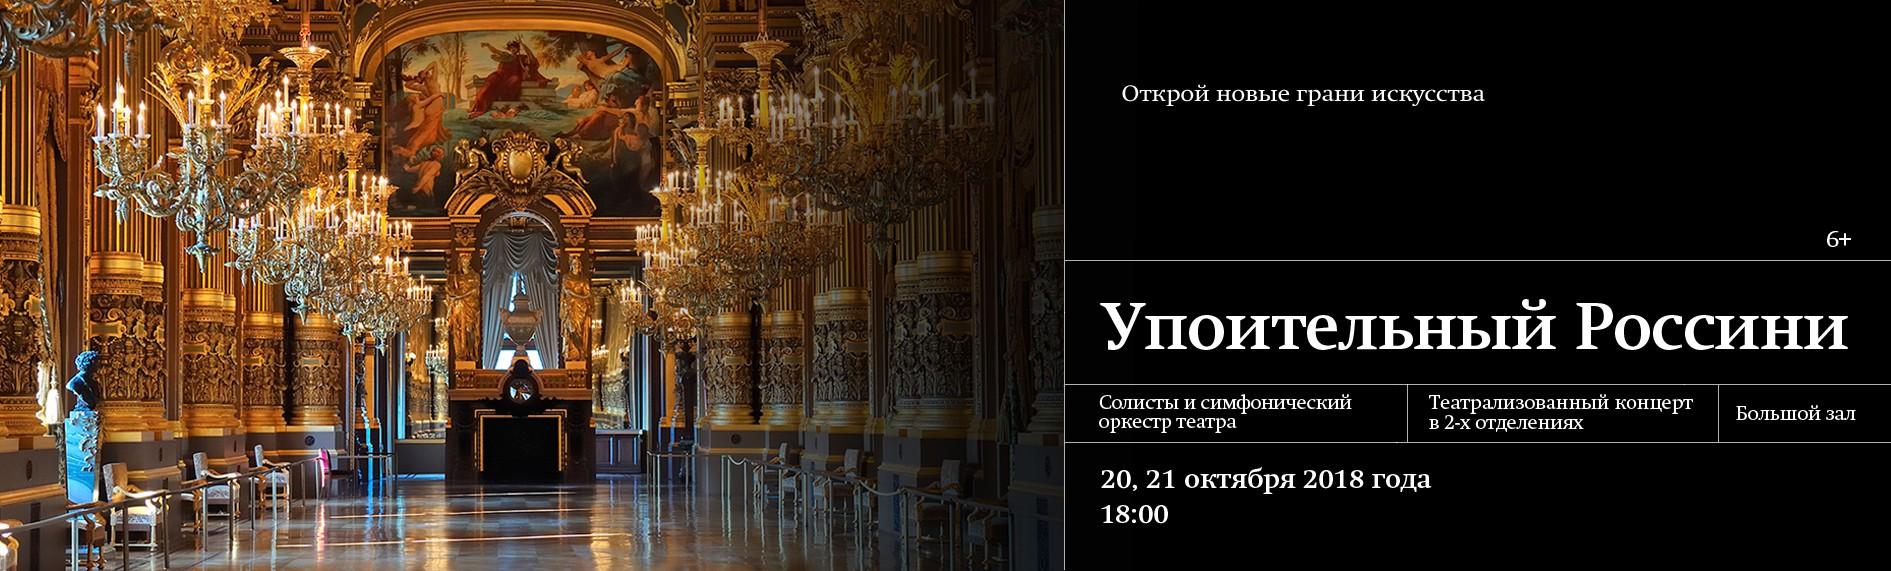 Концерт «Упоительный Россини» октябрь